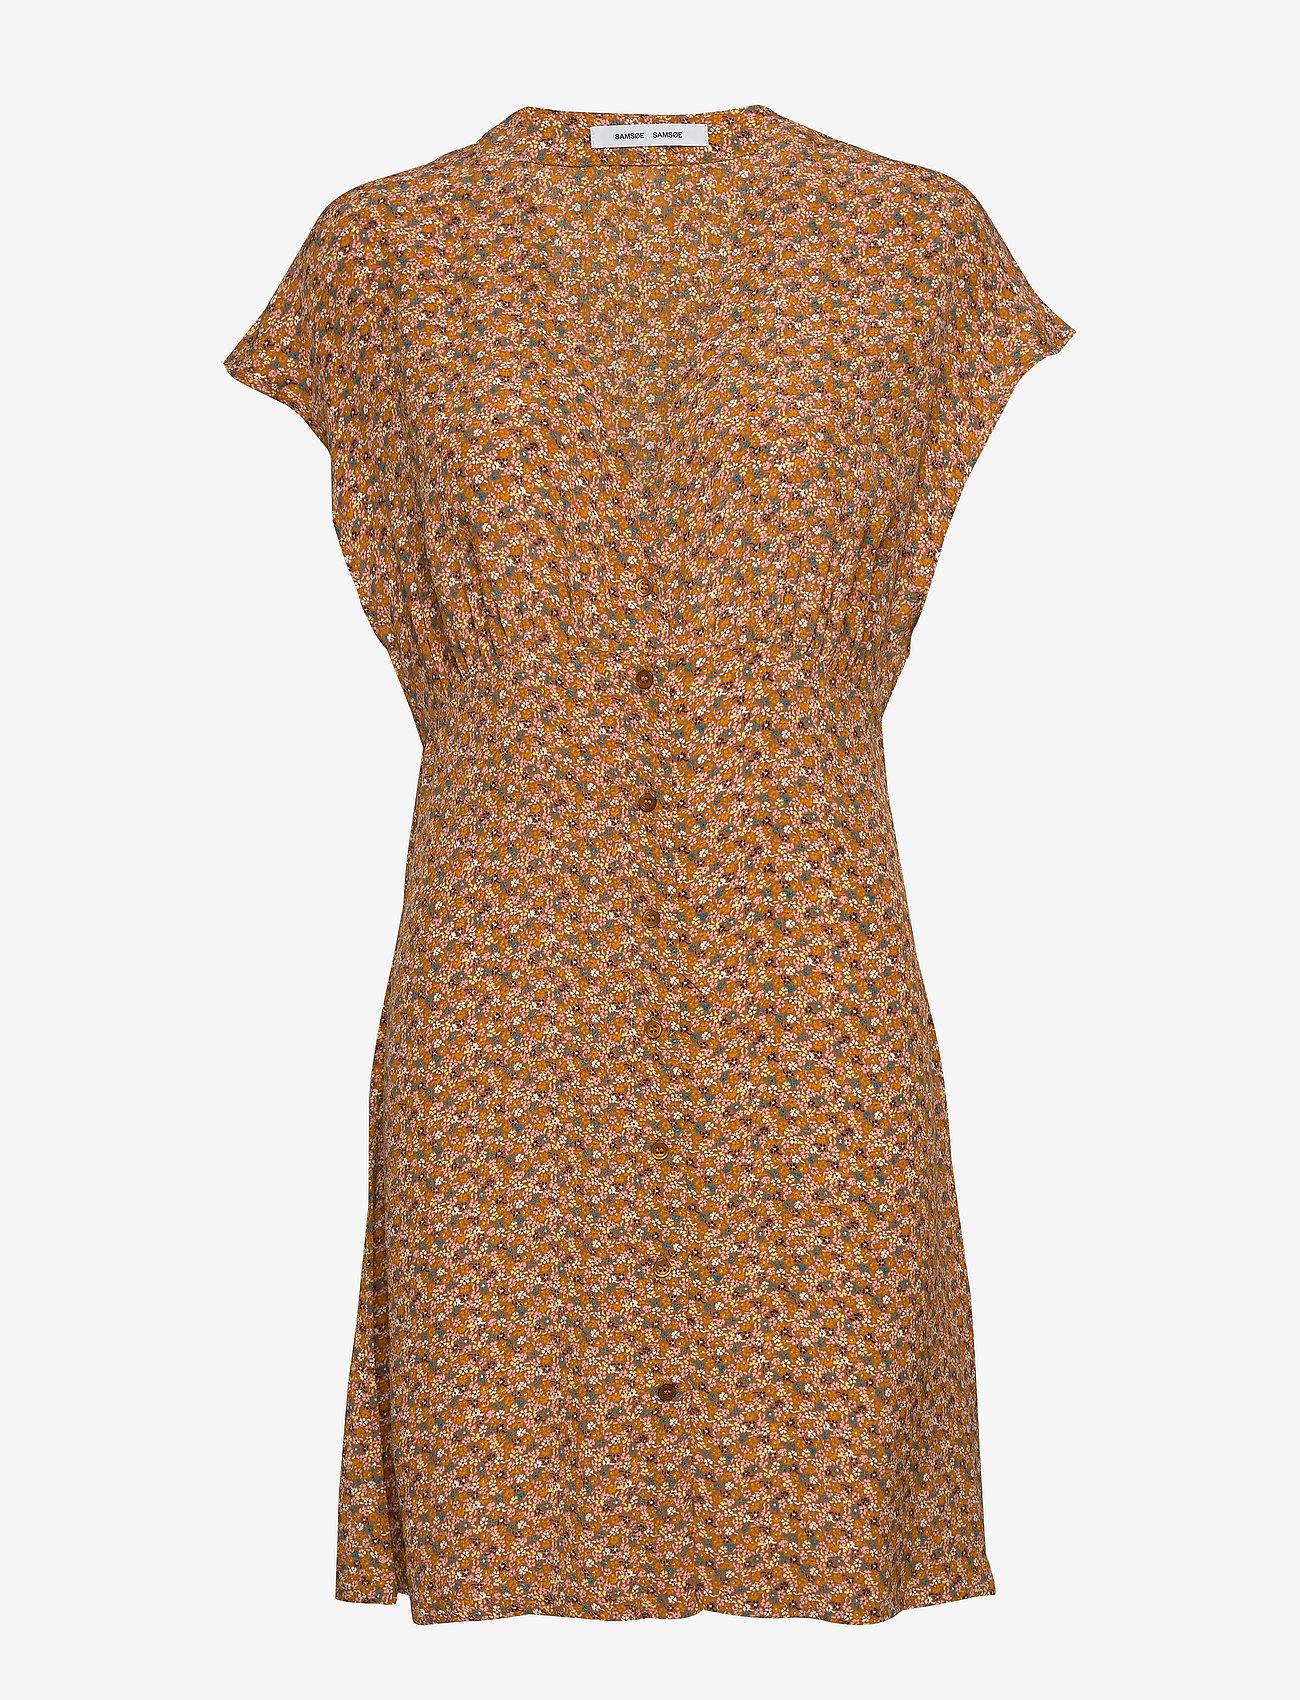 Samsøe Samsøe - Valerie short dress aop 10867 - krótkie sukienki - blossom